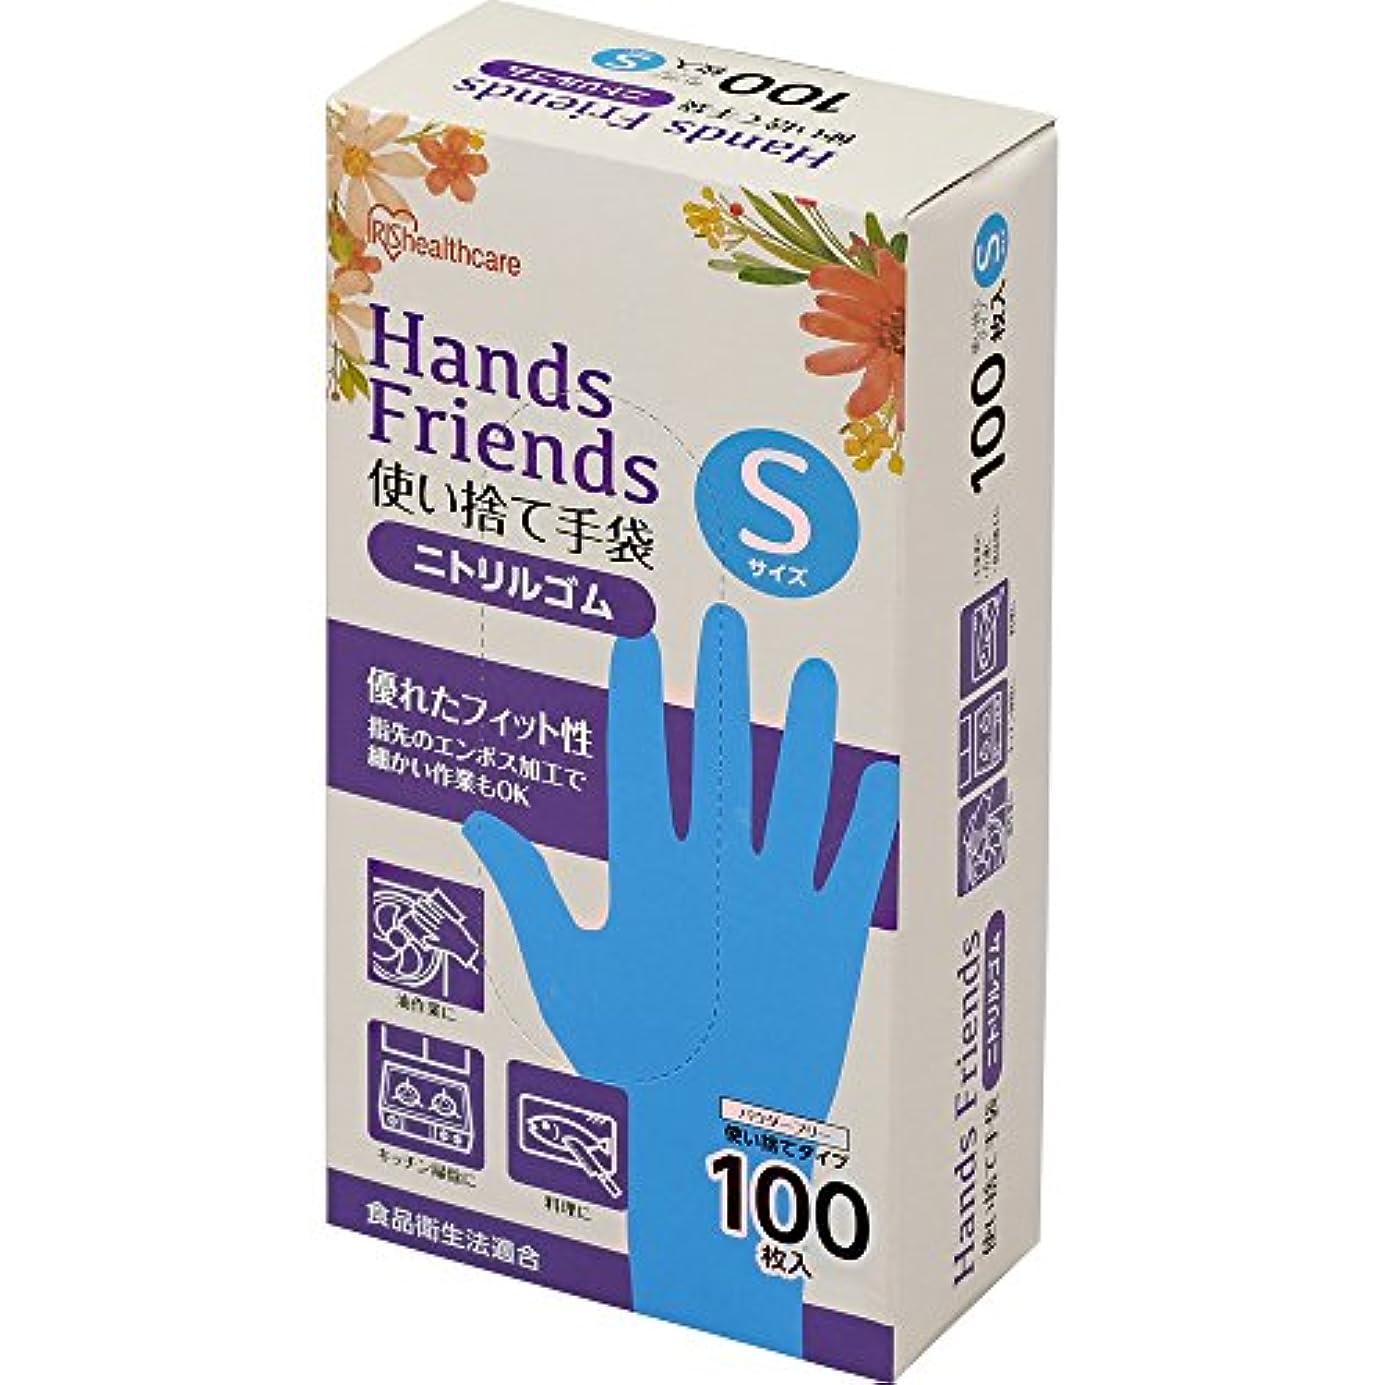 胚芽刃できない使い捨て手袋 ブルー ニトリルゴム 100枚 Sサイズ NBR-100S